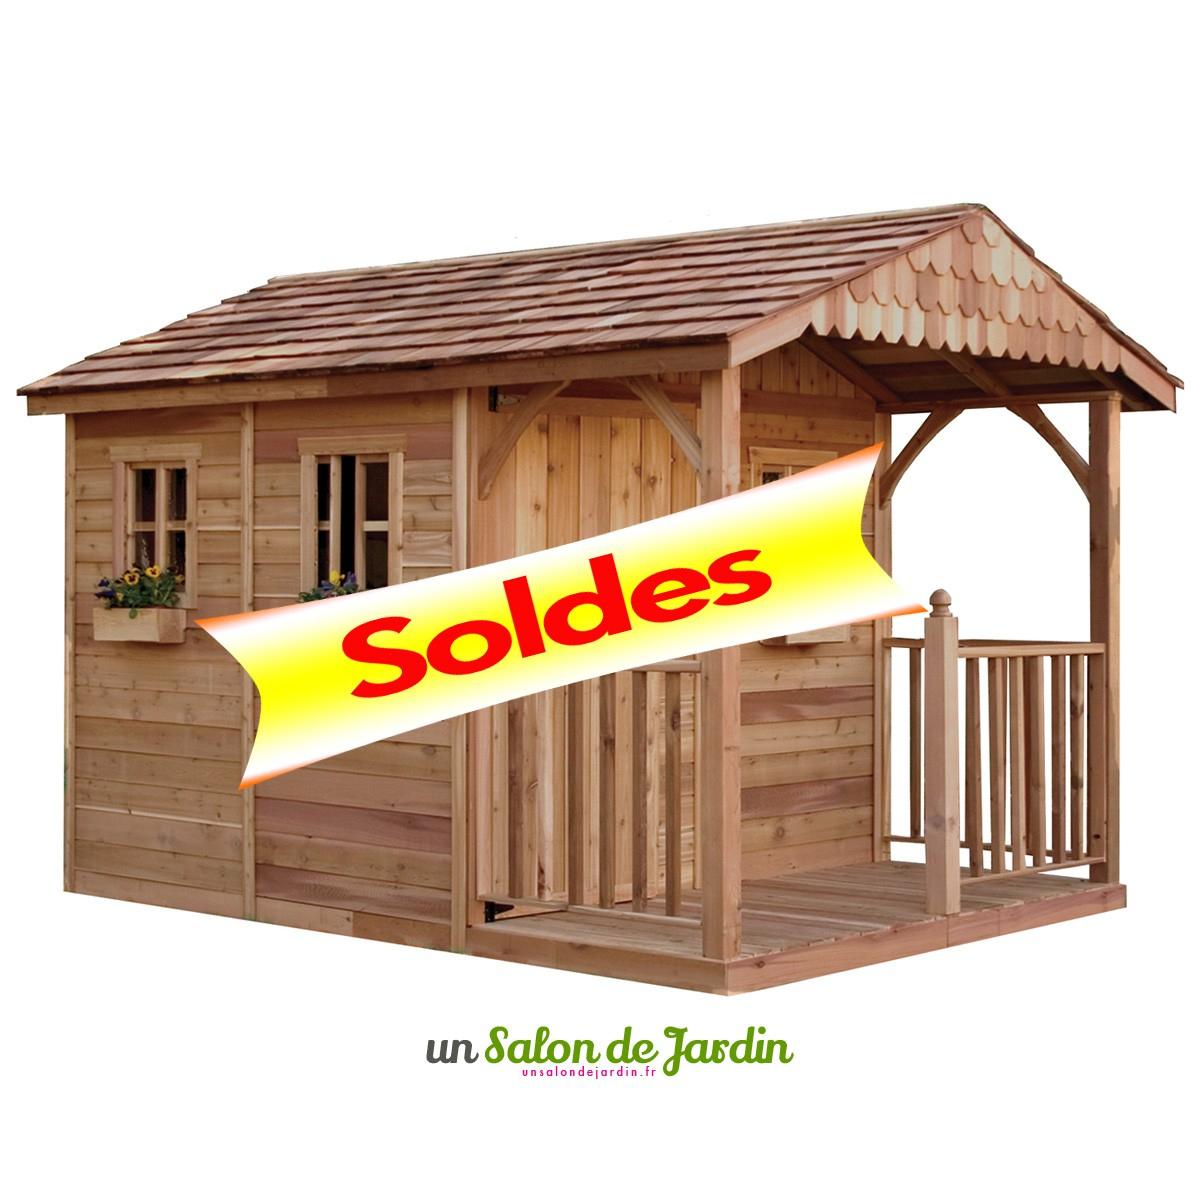 Cabane De Jardin En Bois Pas Cher Garten Moy Abri Terrasse ... dedans Abri Jardin Soldes